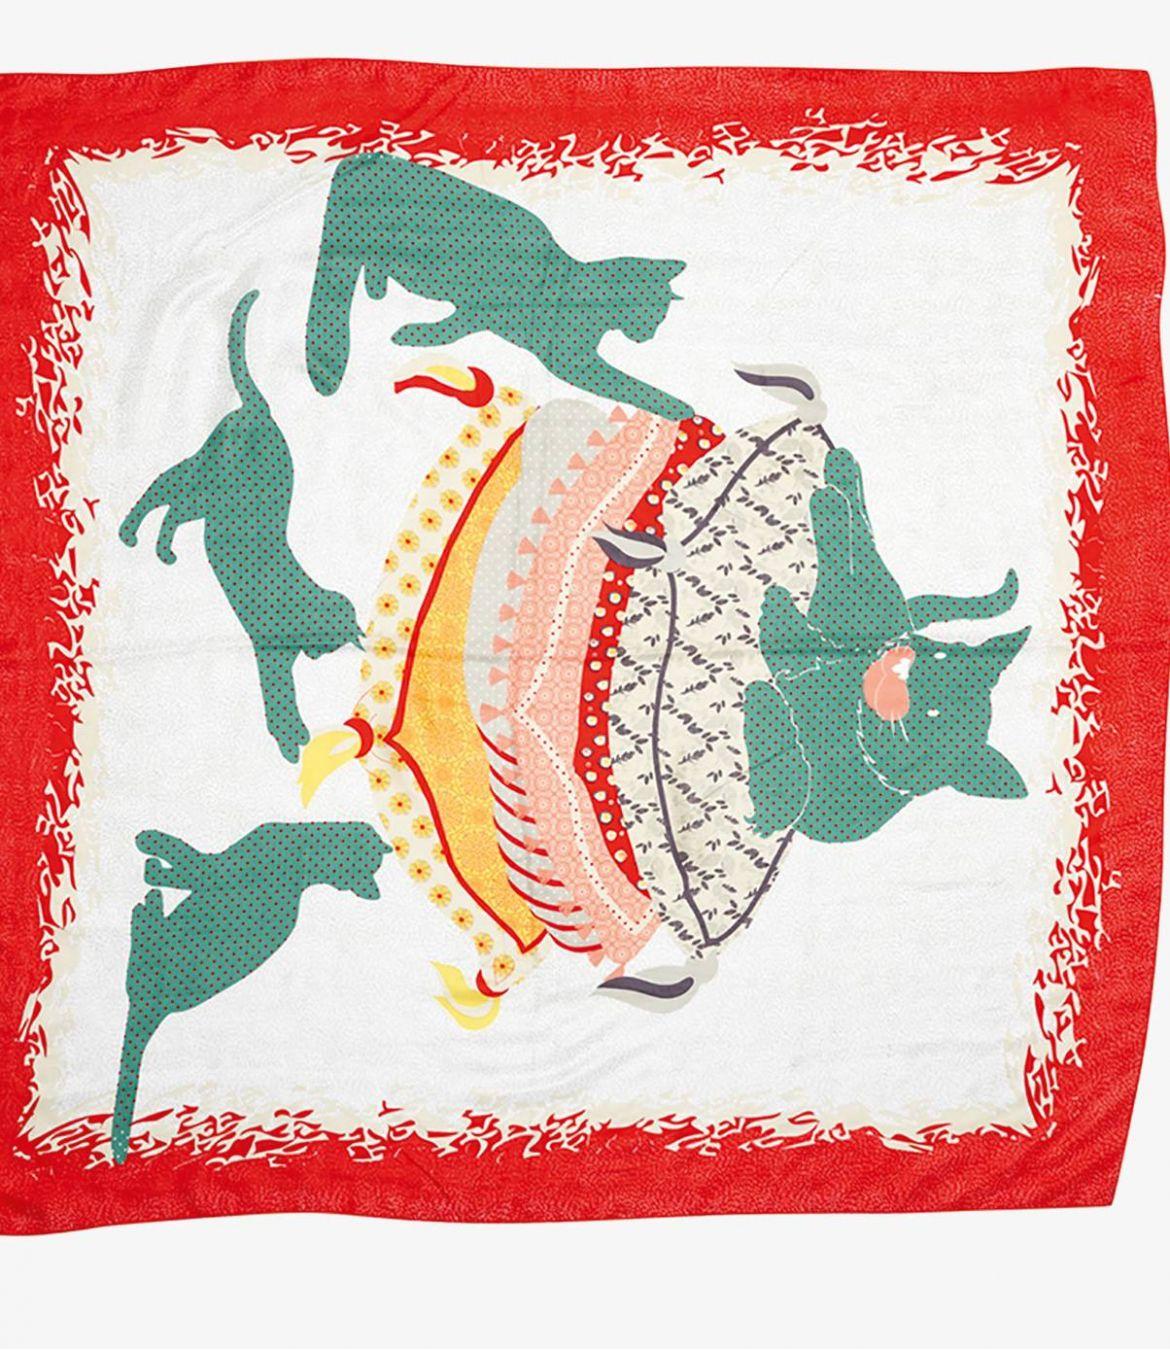 DUCHESSE Women's Silk Scarf 130 x 130cm Storiatipic - 2